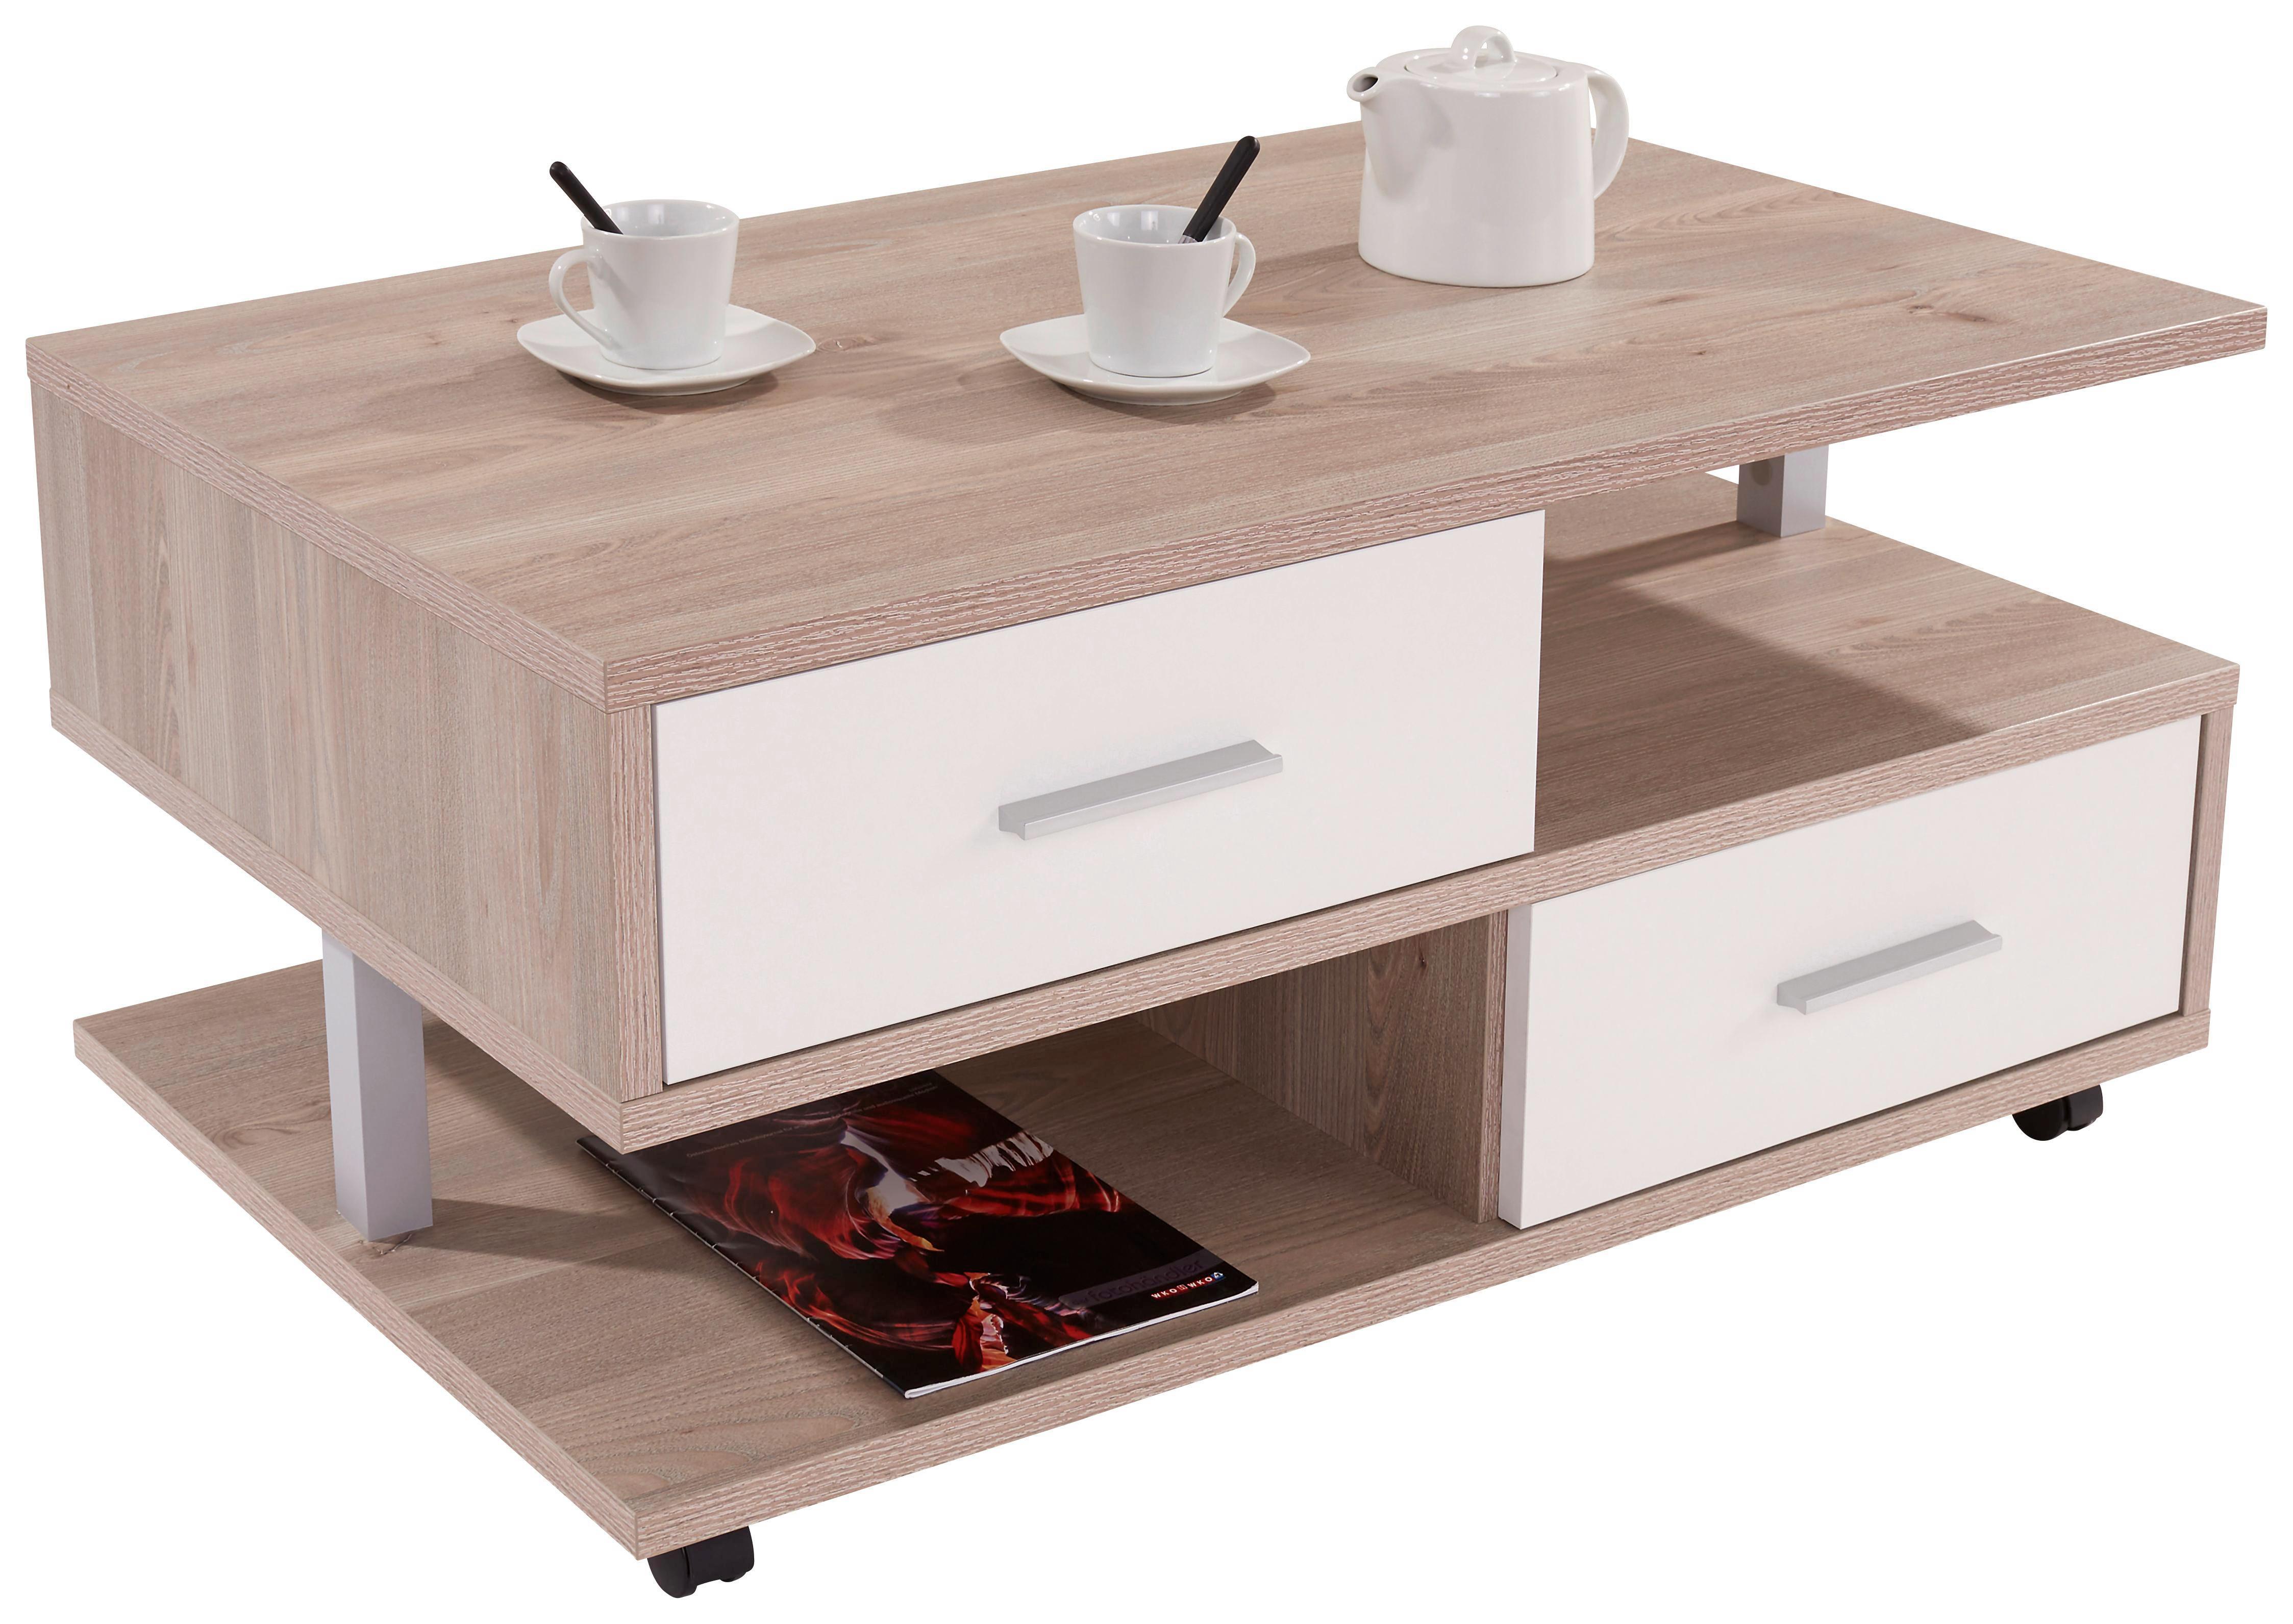 couchtisch schublade wei perfect couchtisch x wei kolonial mit schubladen massivholz farbig. Black Bedroom Furniture Sets. Home Design Ideas